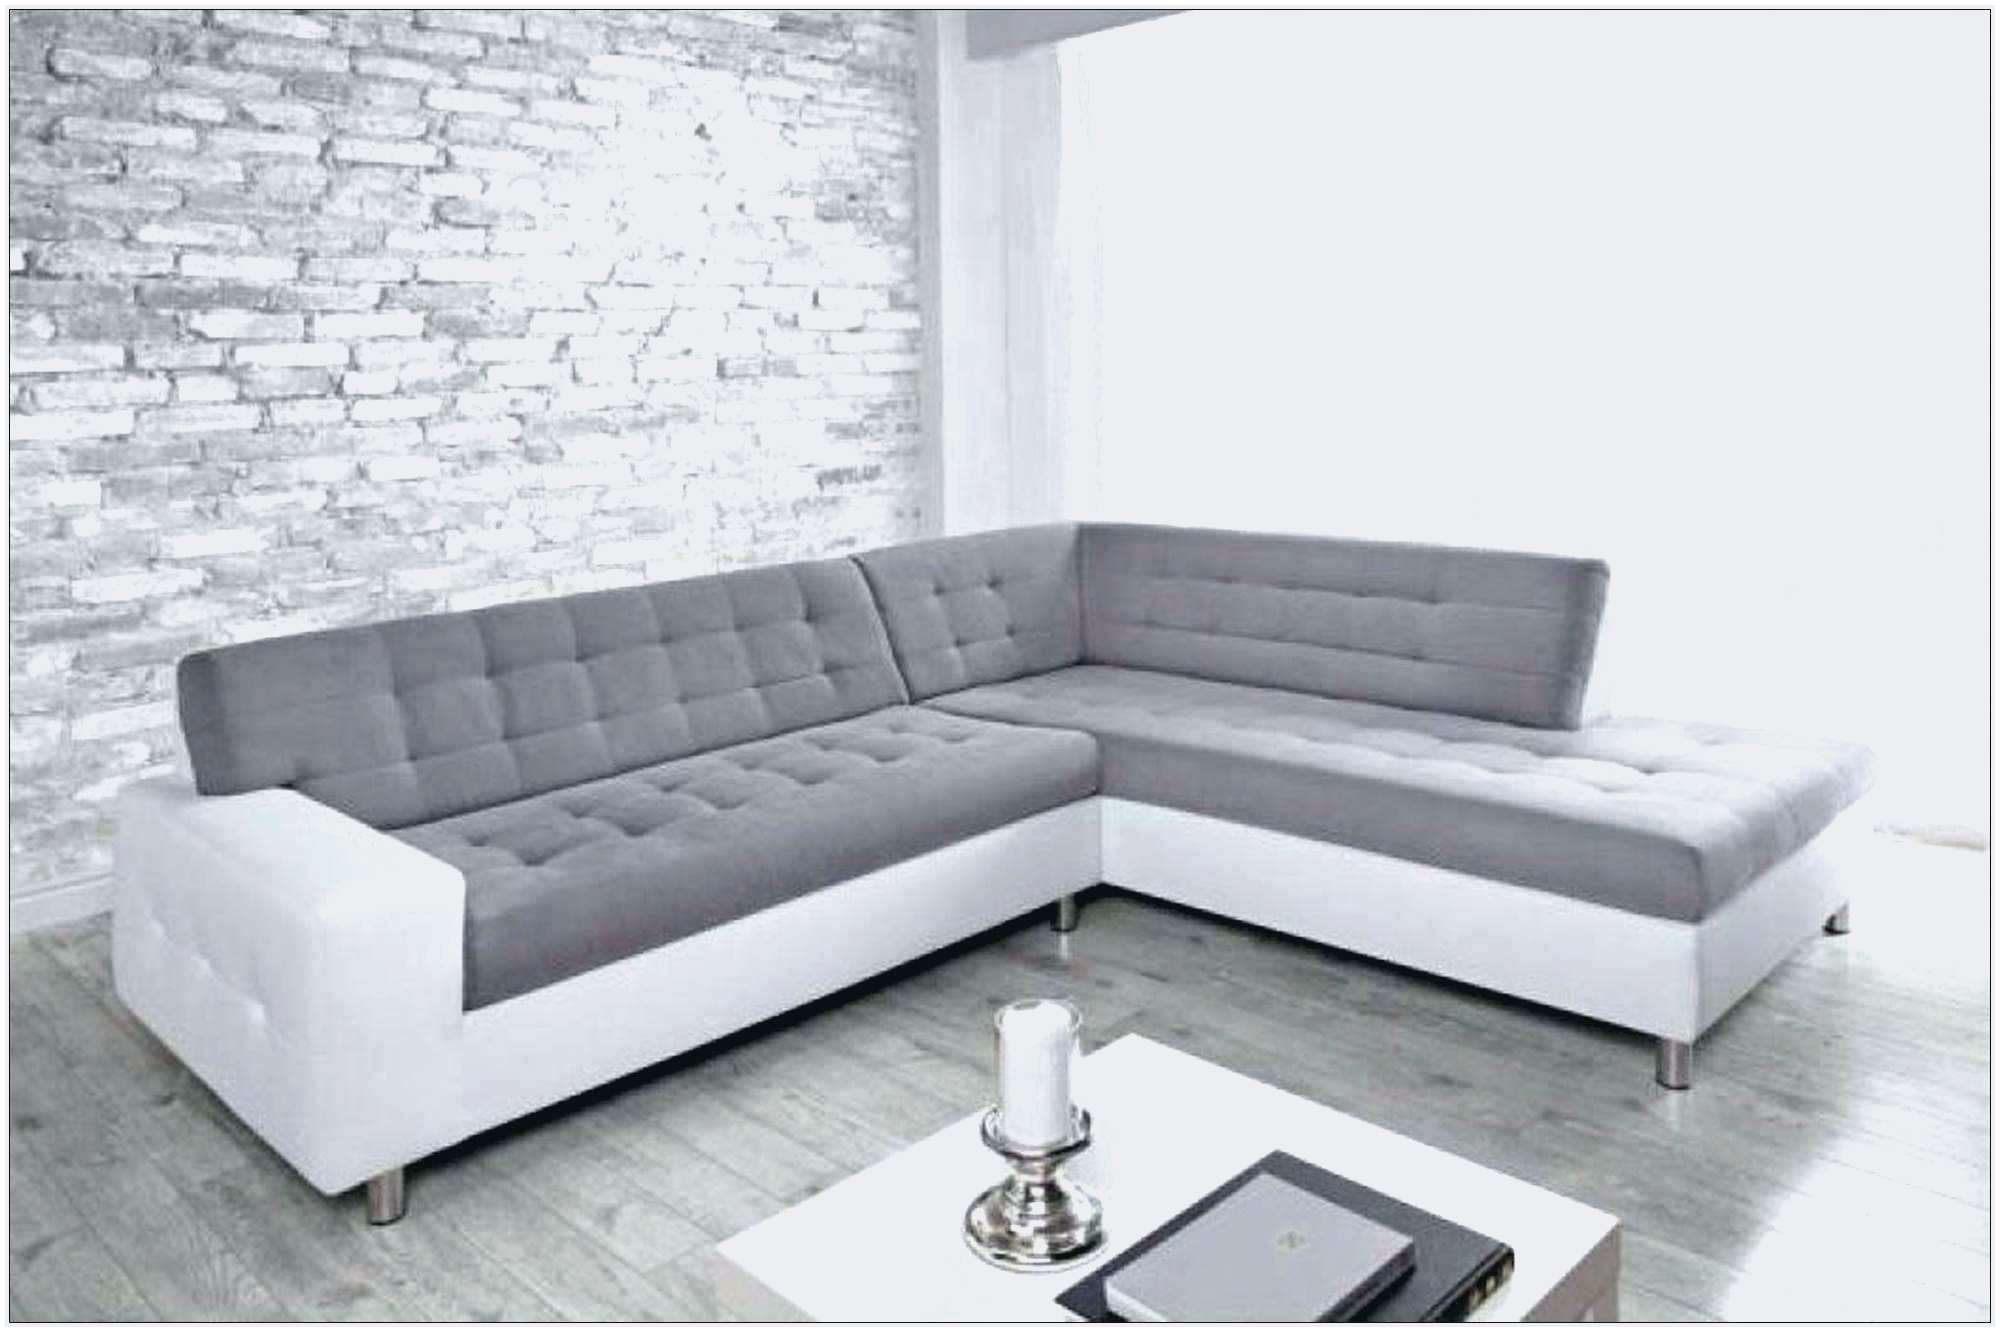 Lit Superposé D Angle Unique Luxe Ikea Canapé D Angle Convertible Beau Image Lit 2 Places 25 23